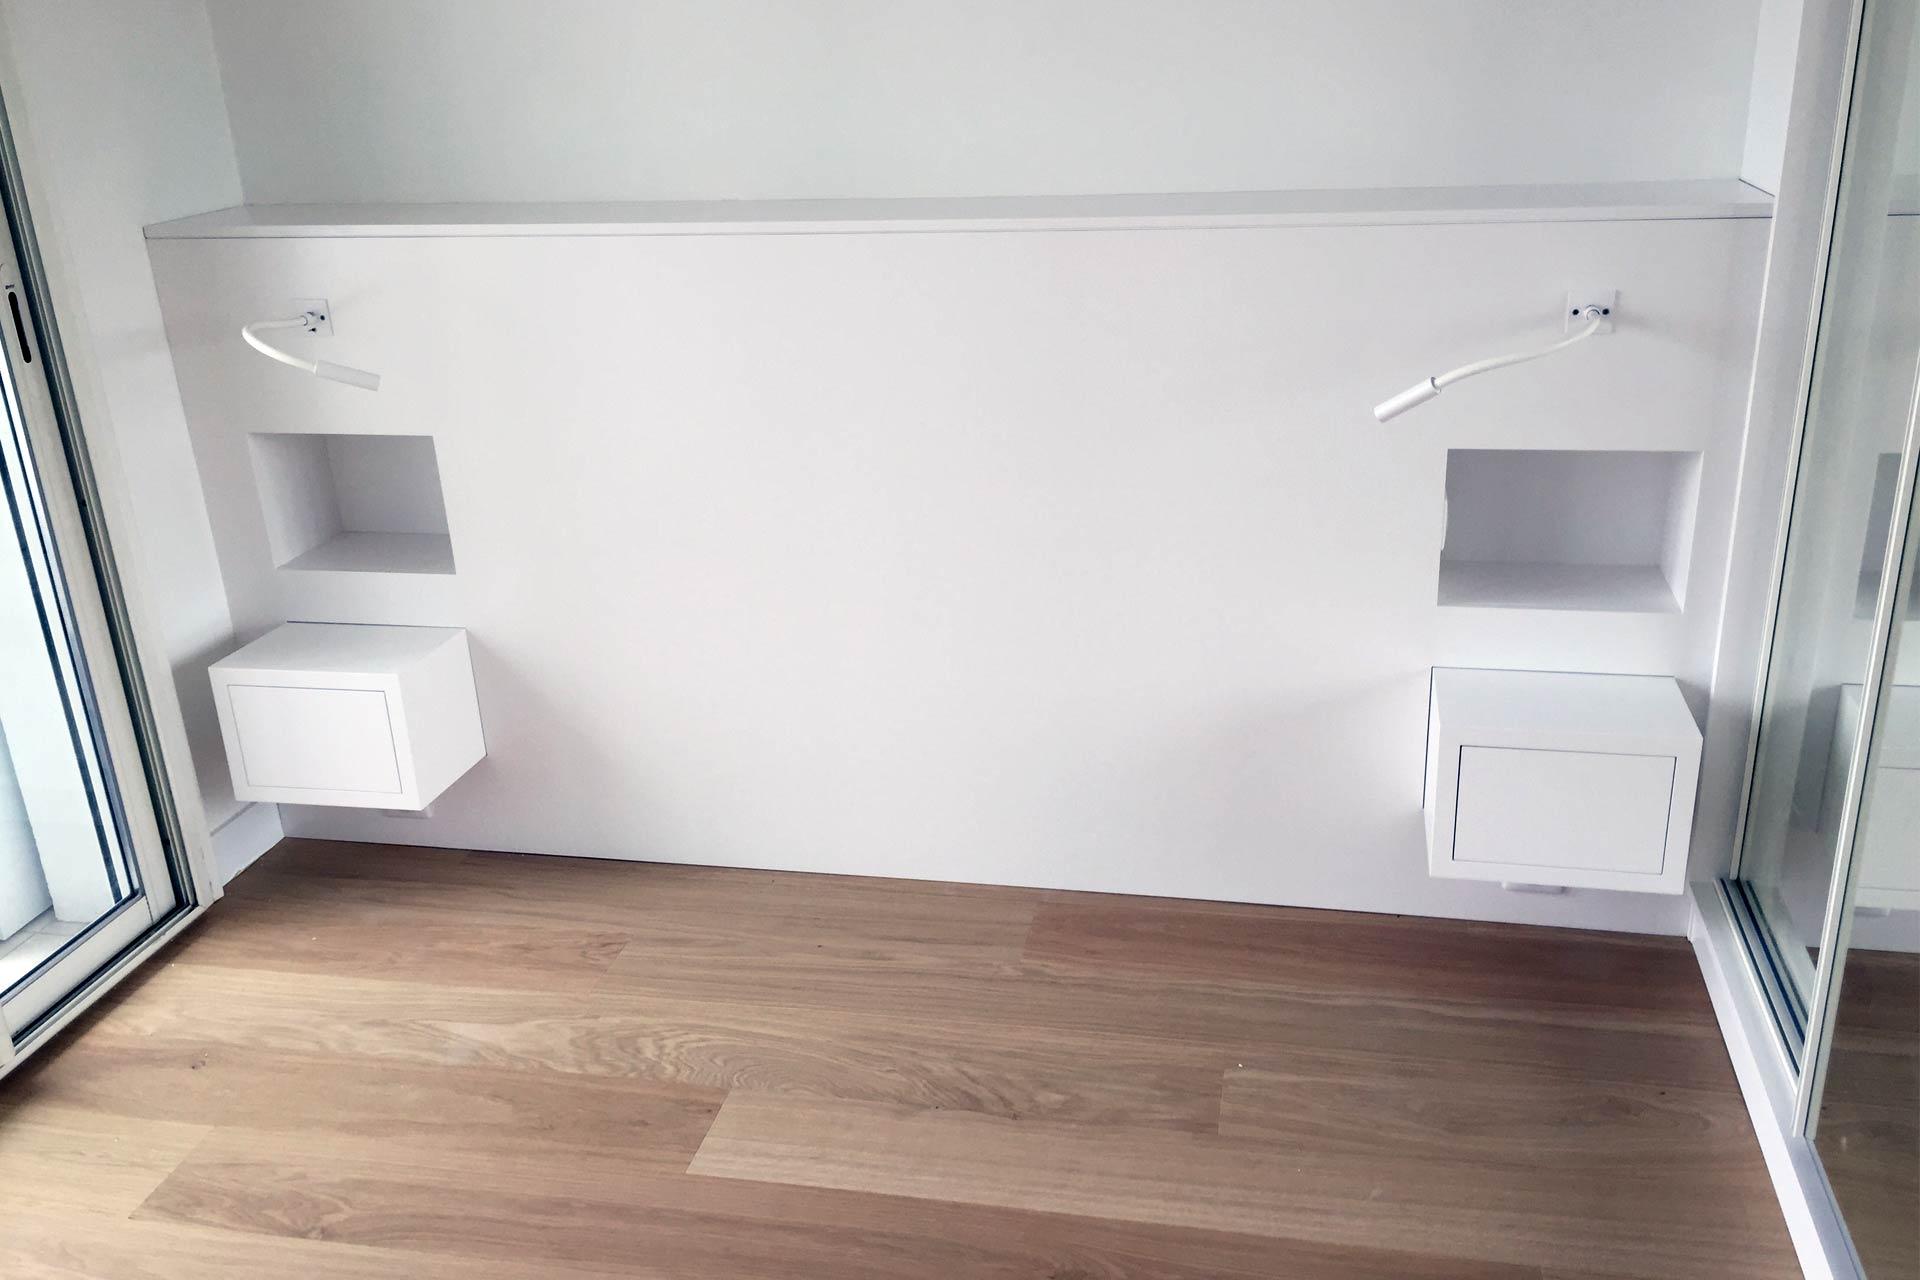 Tête de lit sur mesure - rénovation complète d'un appartement